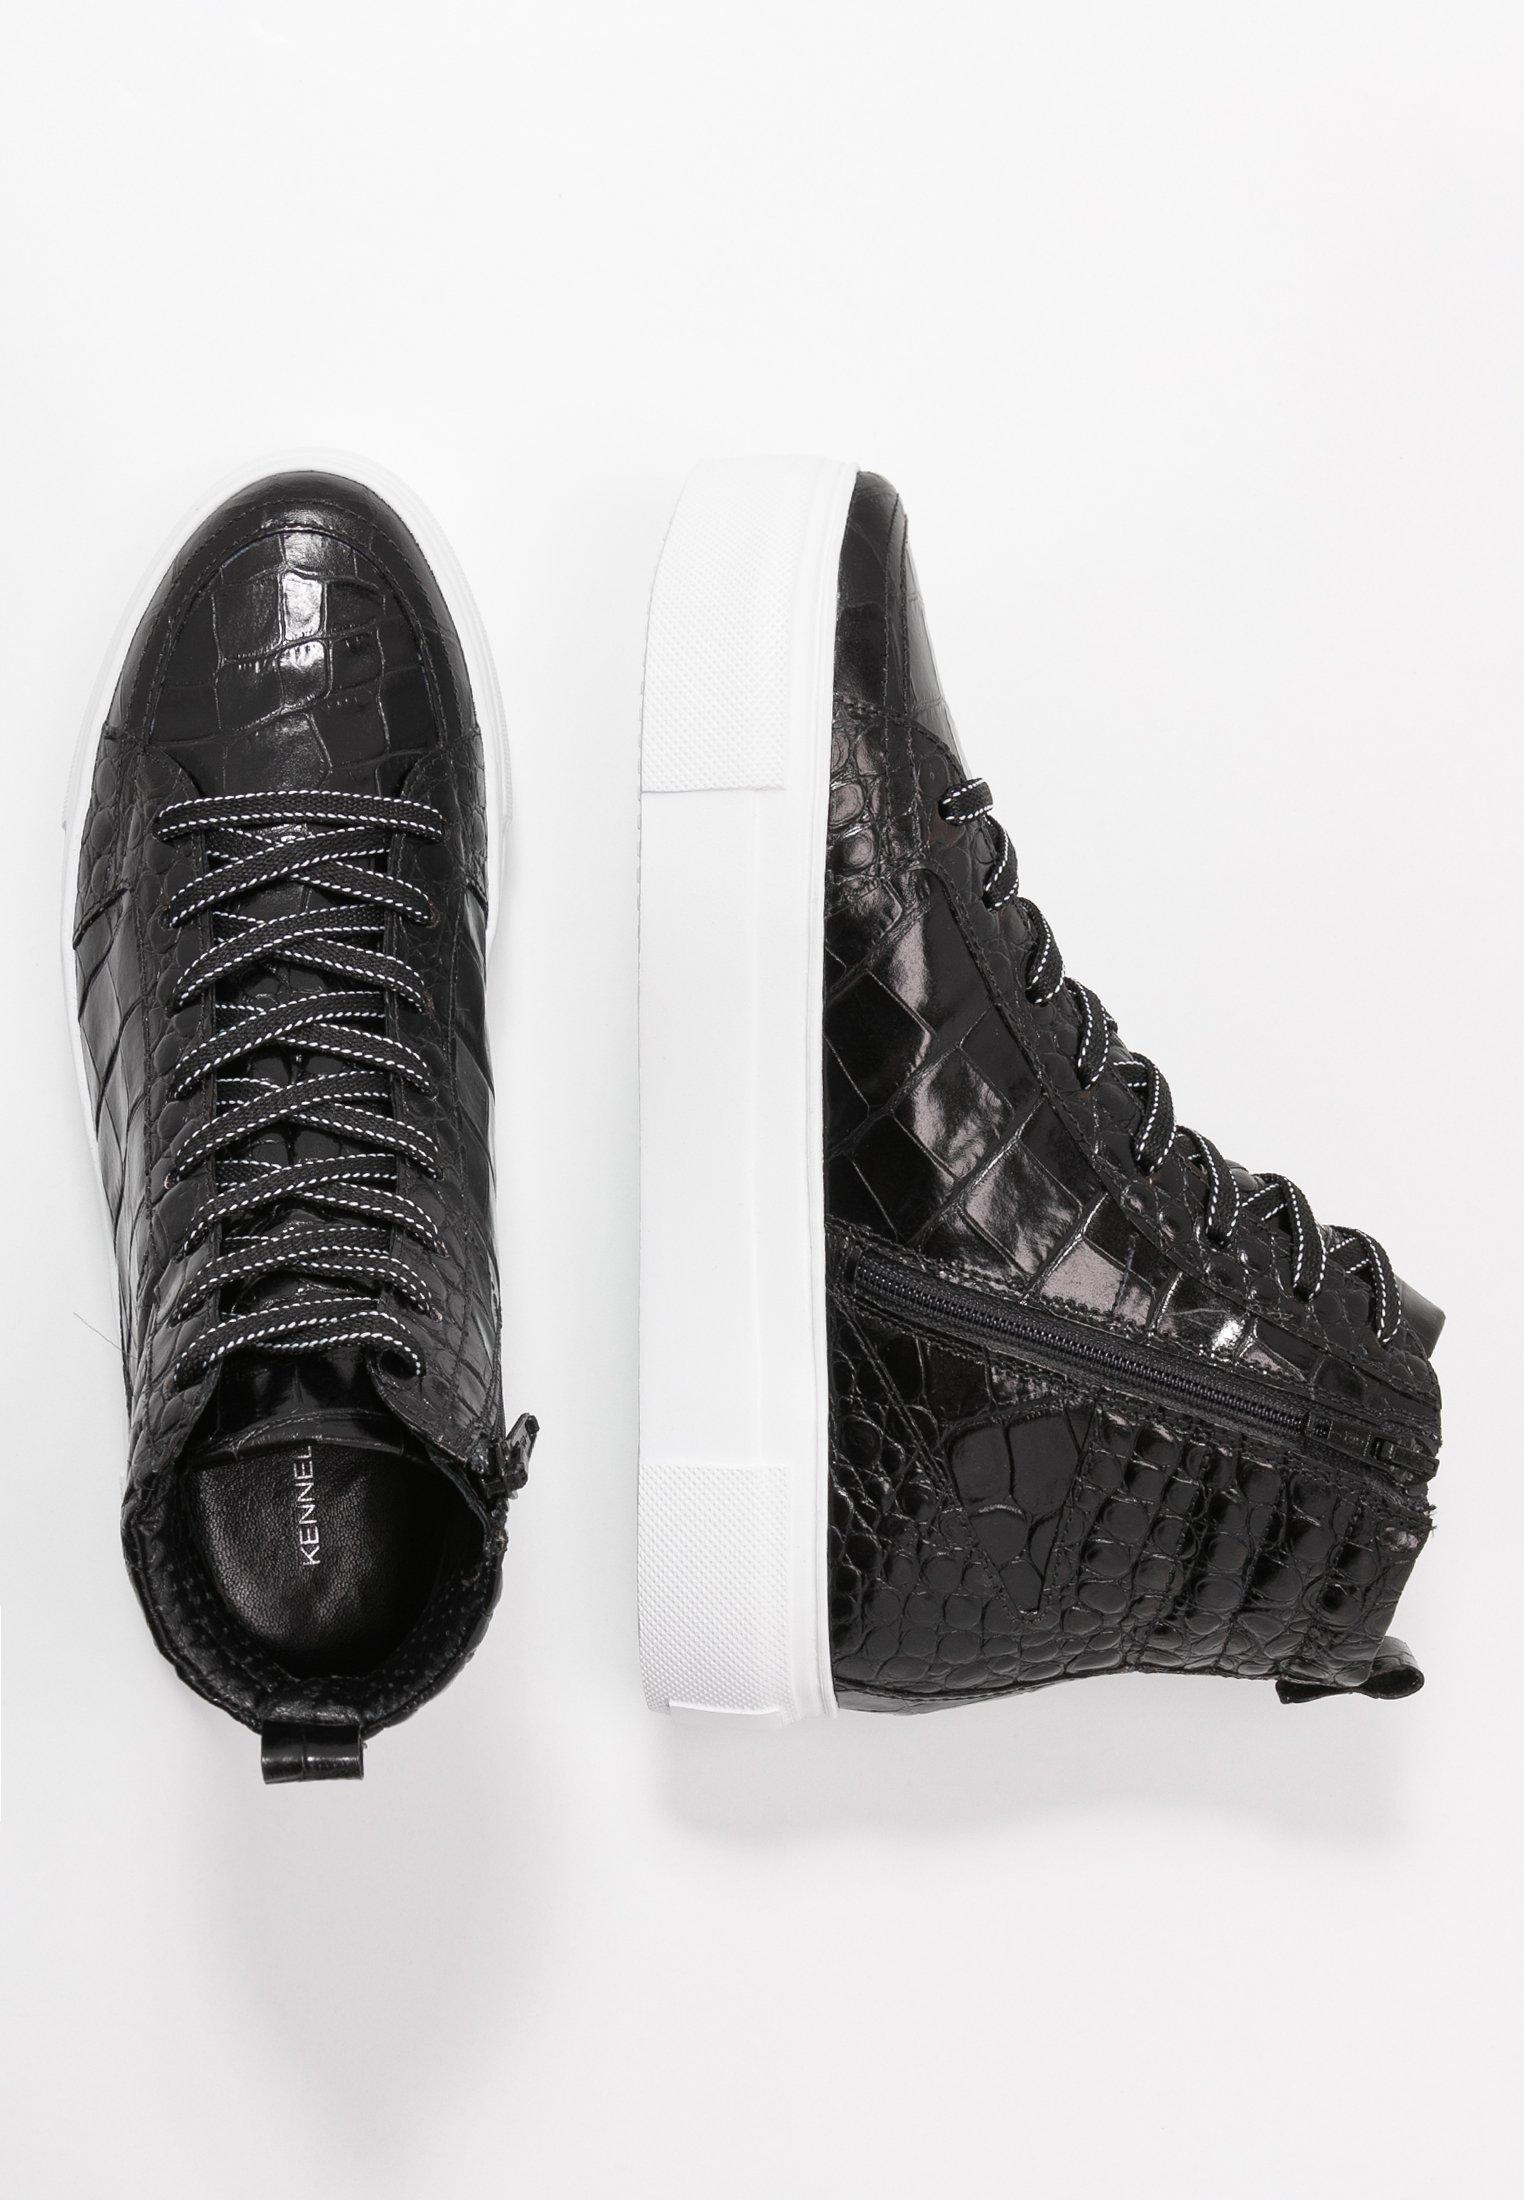 Svarte Kennel + Schmenger Høye Sneakers | Sko til Dame